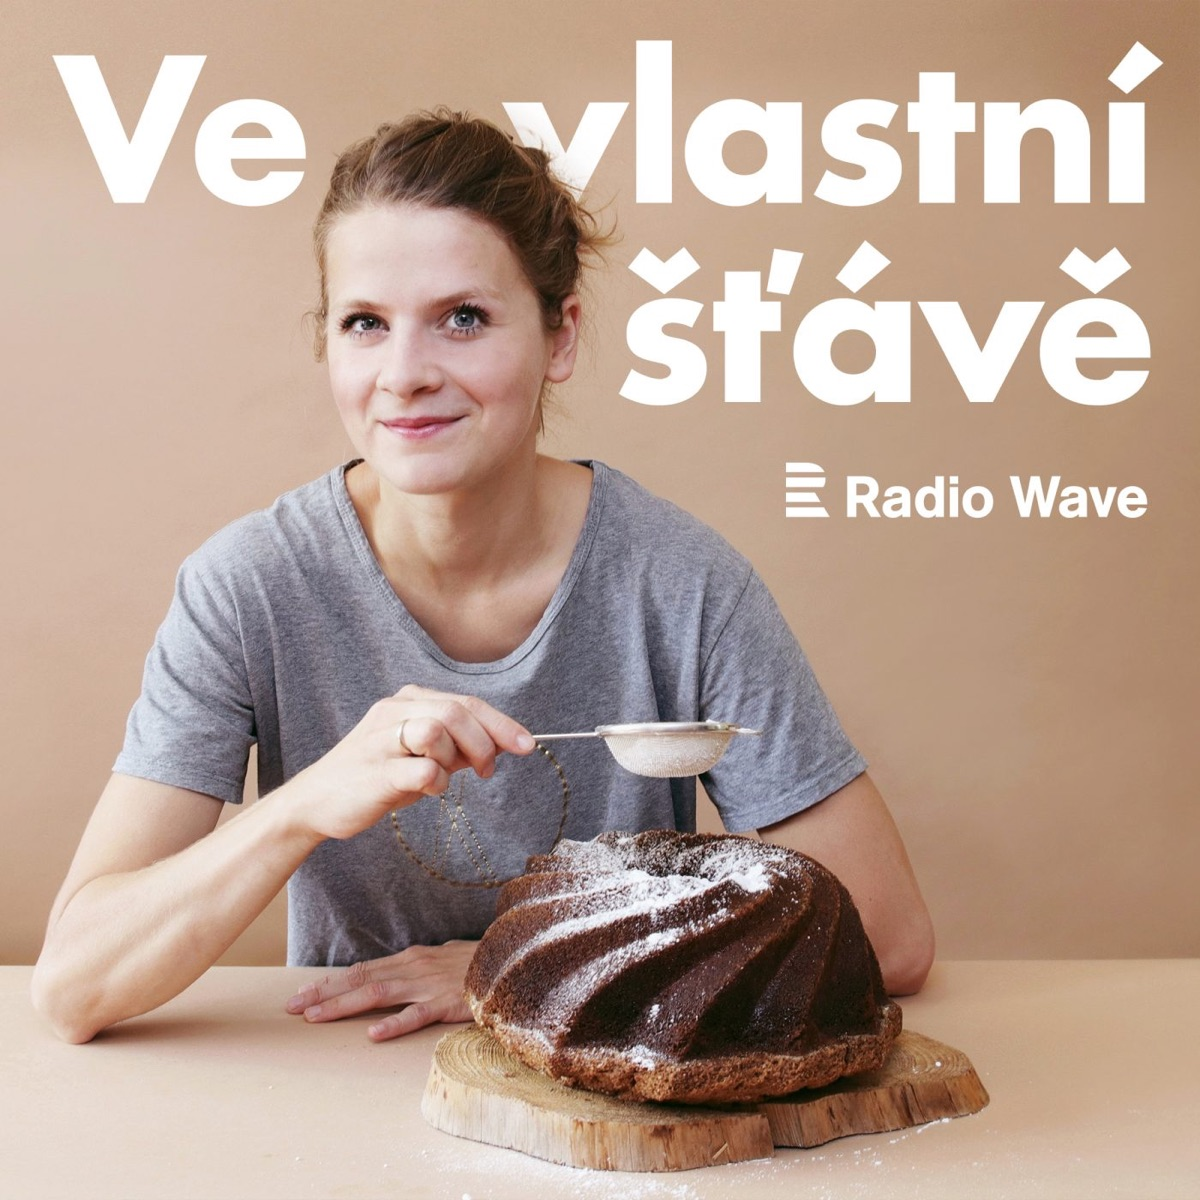 Ve vlastní šťávě s Maškrtnicí: Šetrné vaření má neprávem stigma blafu, říká bloger Cuketka